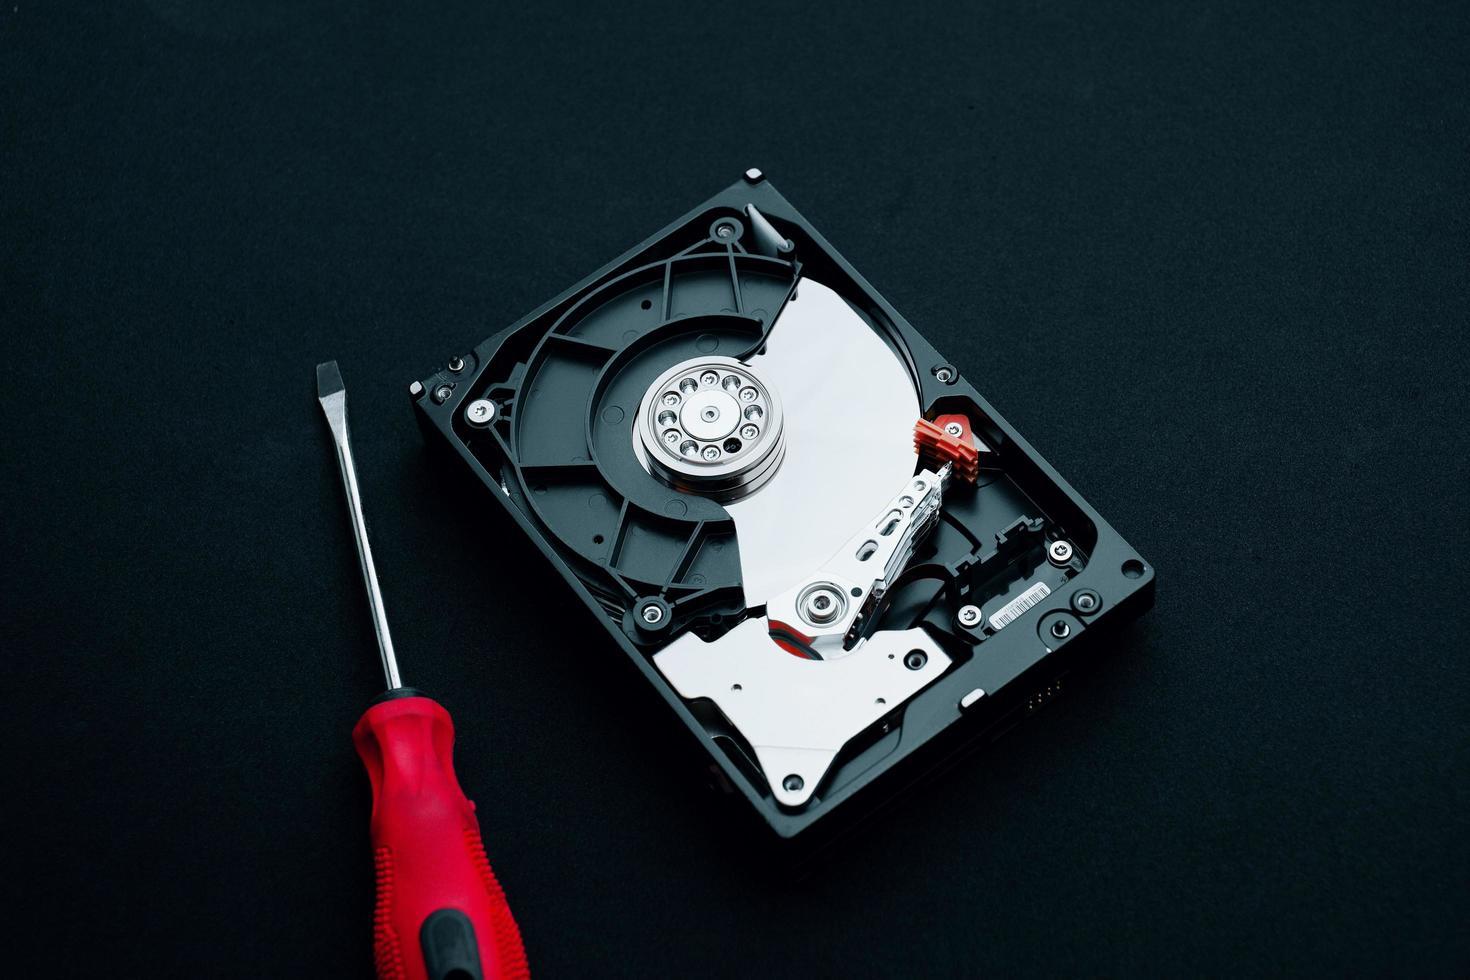 computer hardware reparatie inspectie, harde schijf en schroevendraaiers foto